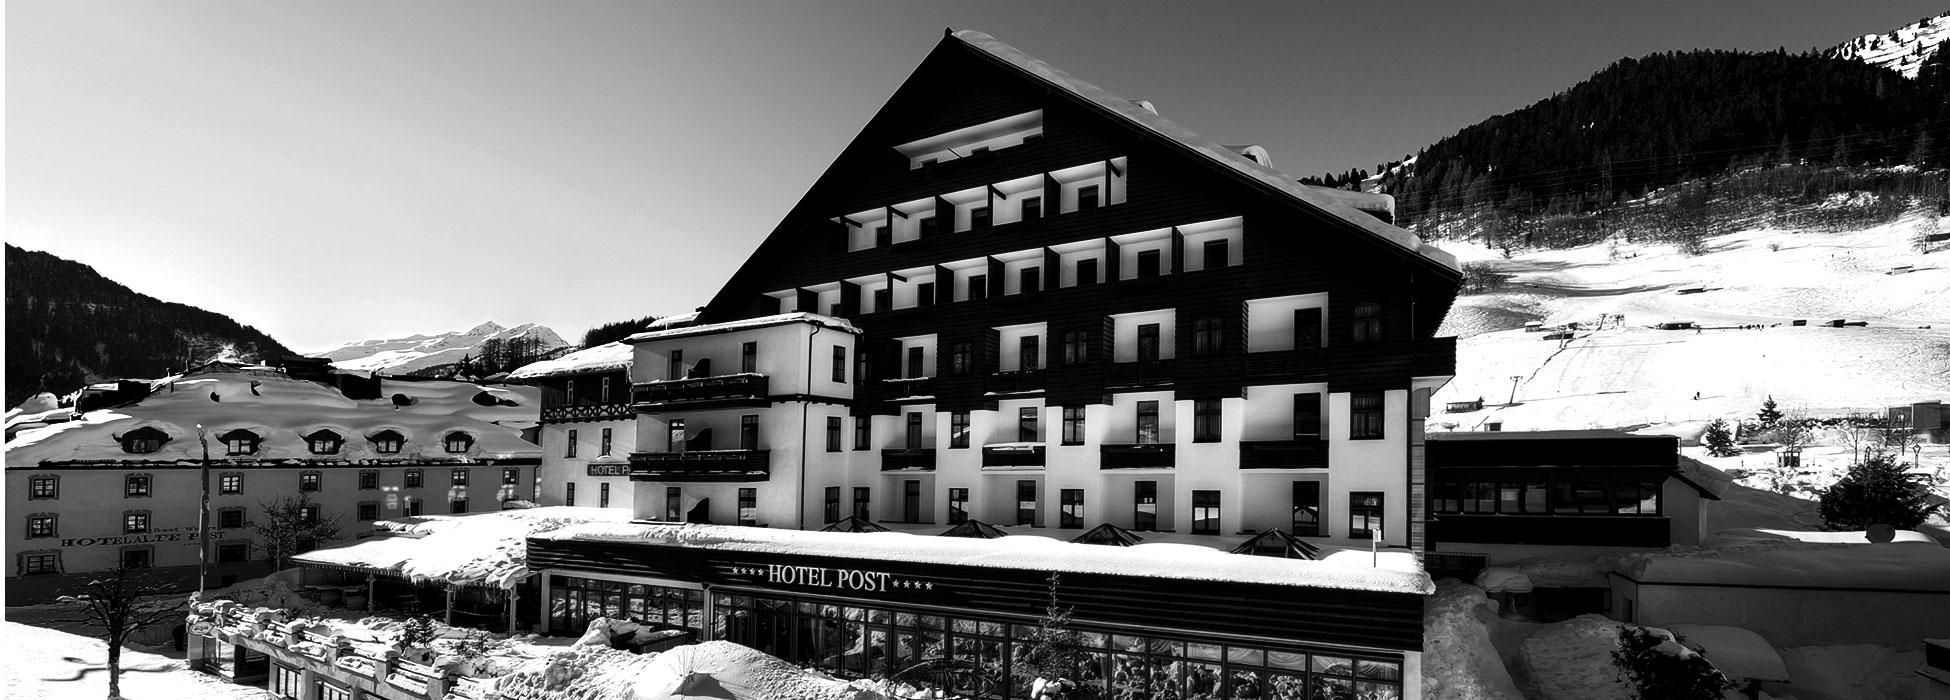 Hotel Post, www.aktivostrig.dk